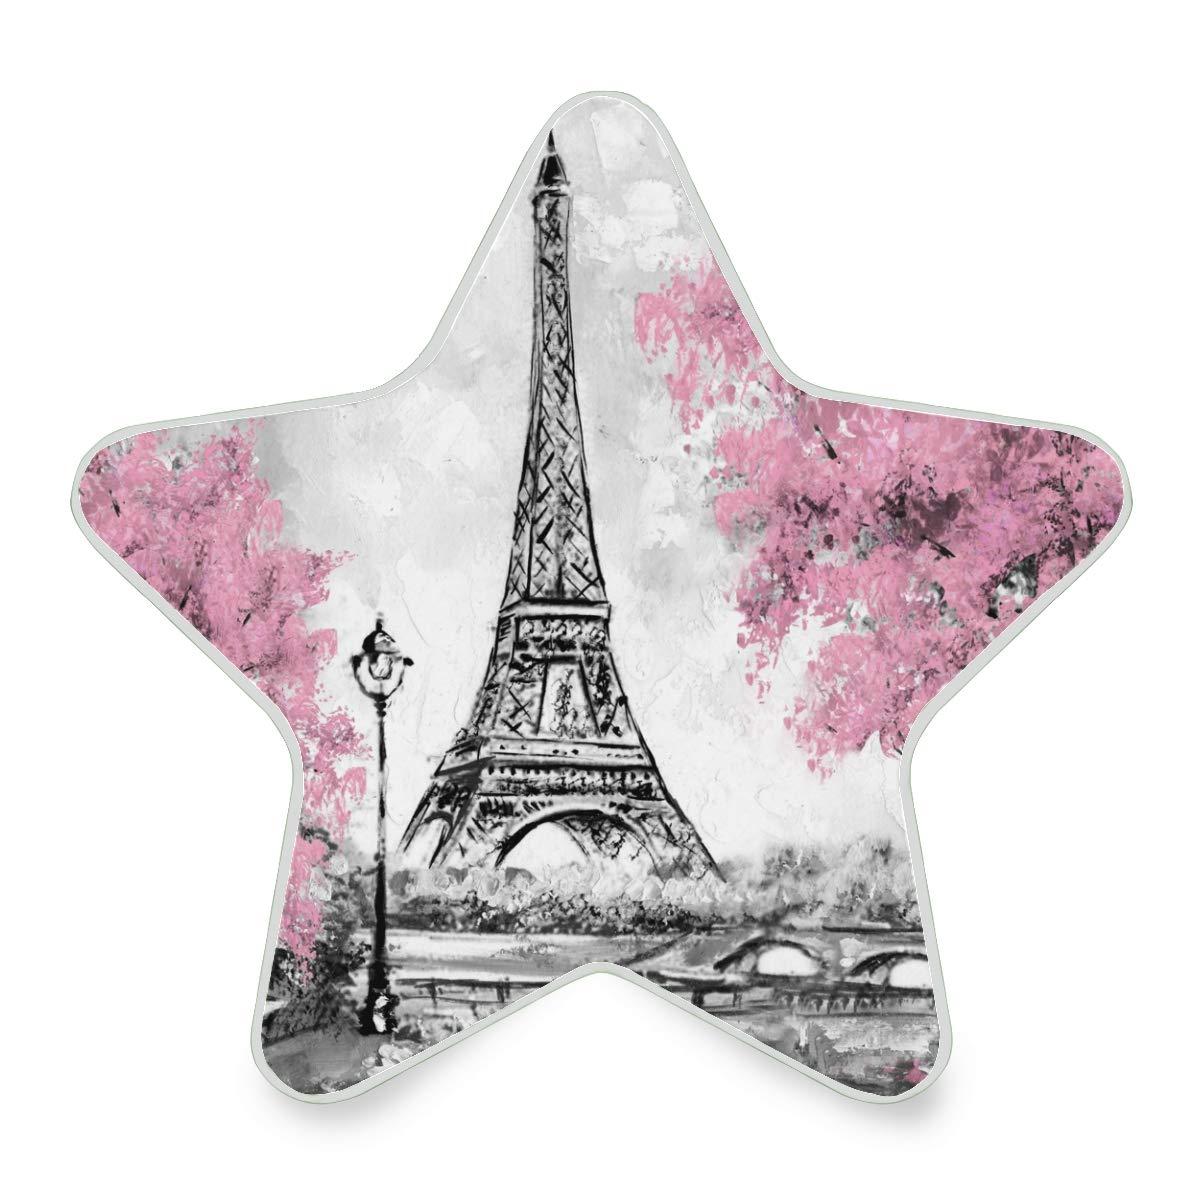 Vinln conecte una luz LED nocturna Torre Eiffel París Auto Senor luz nocturna hasta la mañana gris luz lámpara para dormitorio, pasillo, escalera, vivienda (no apto para Reino Unido): Amazon.es: Iluminación